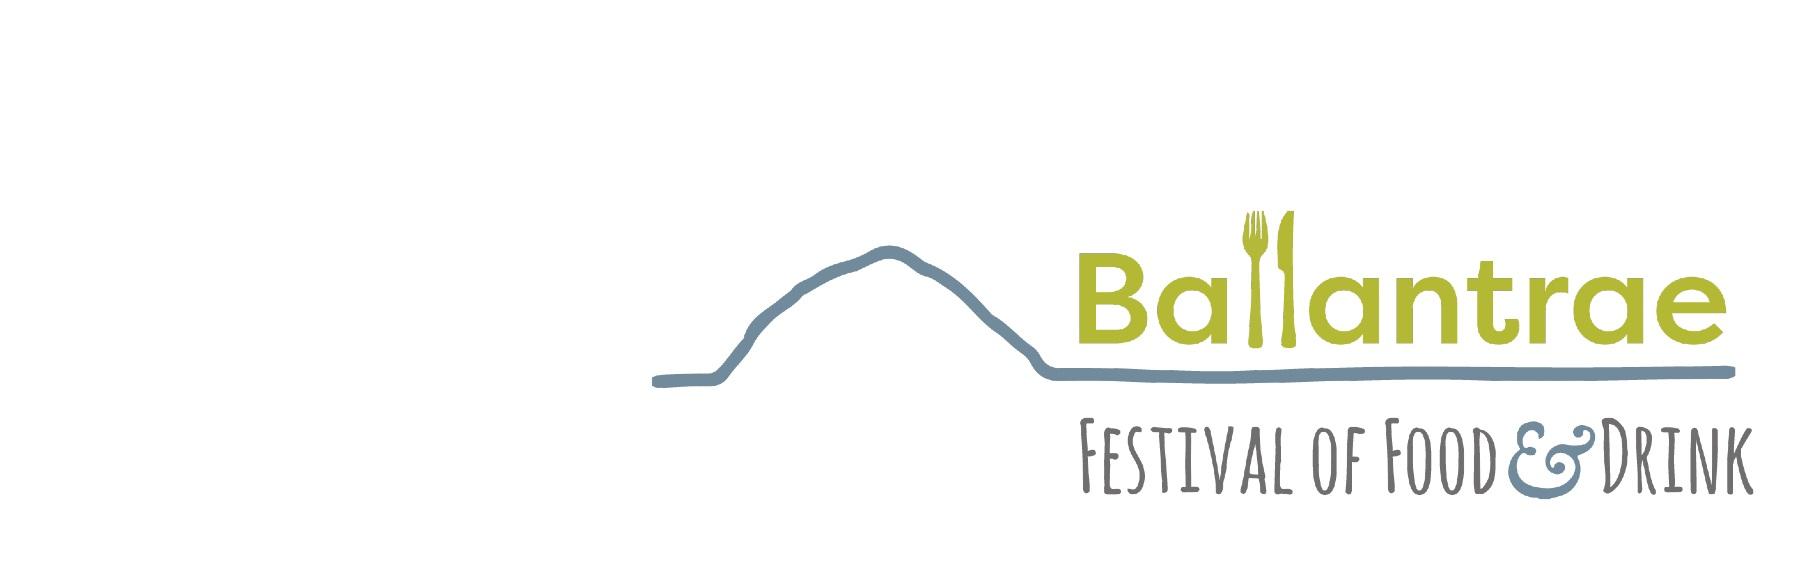 Ballantrae Logo Banner on White.jpg